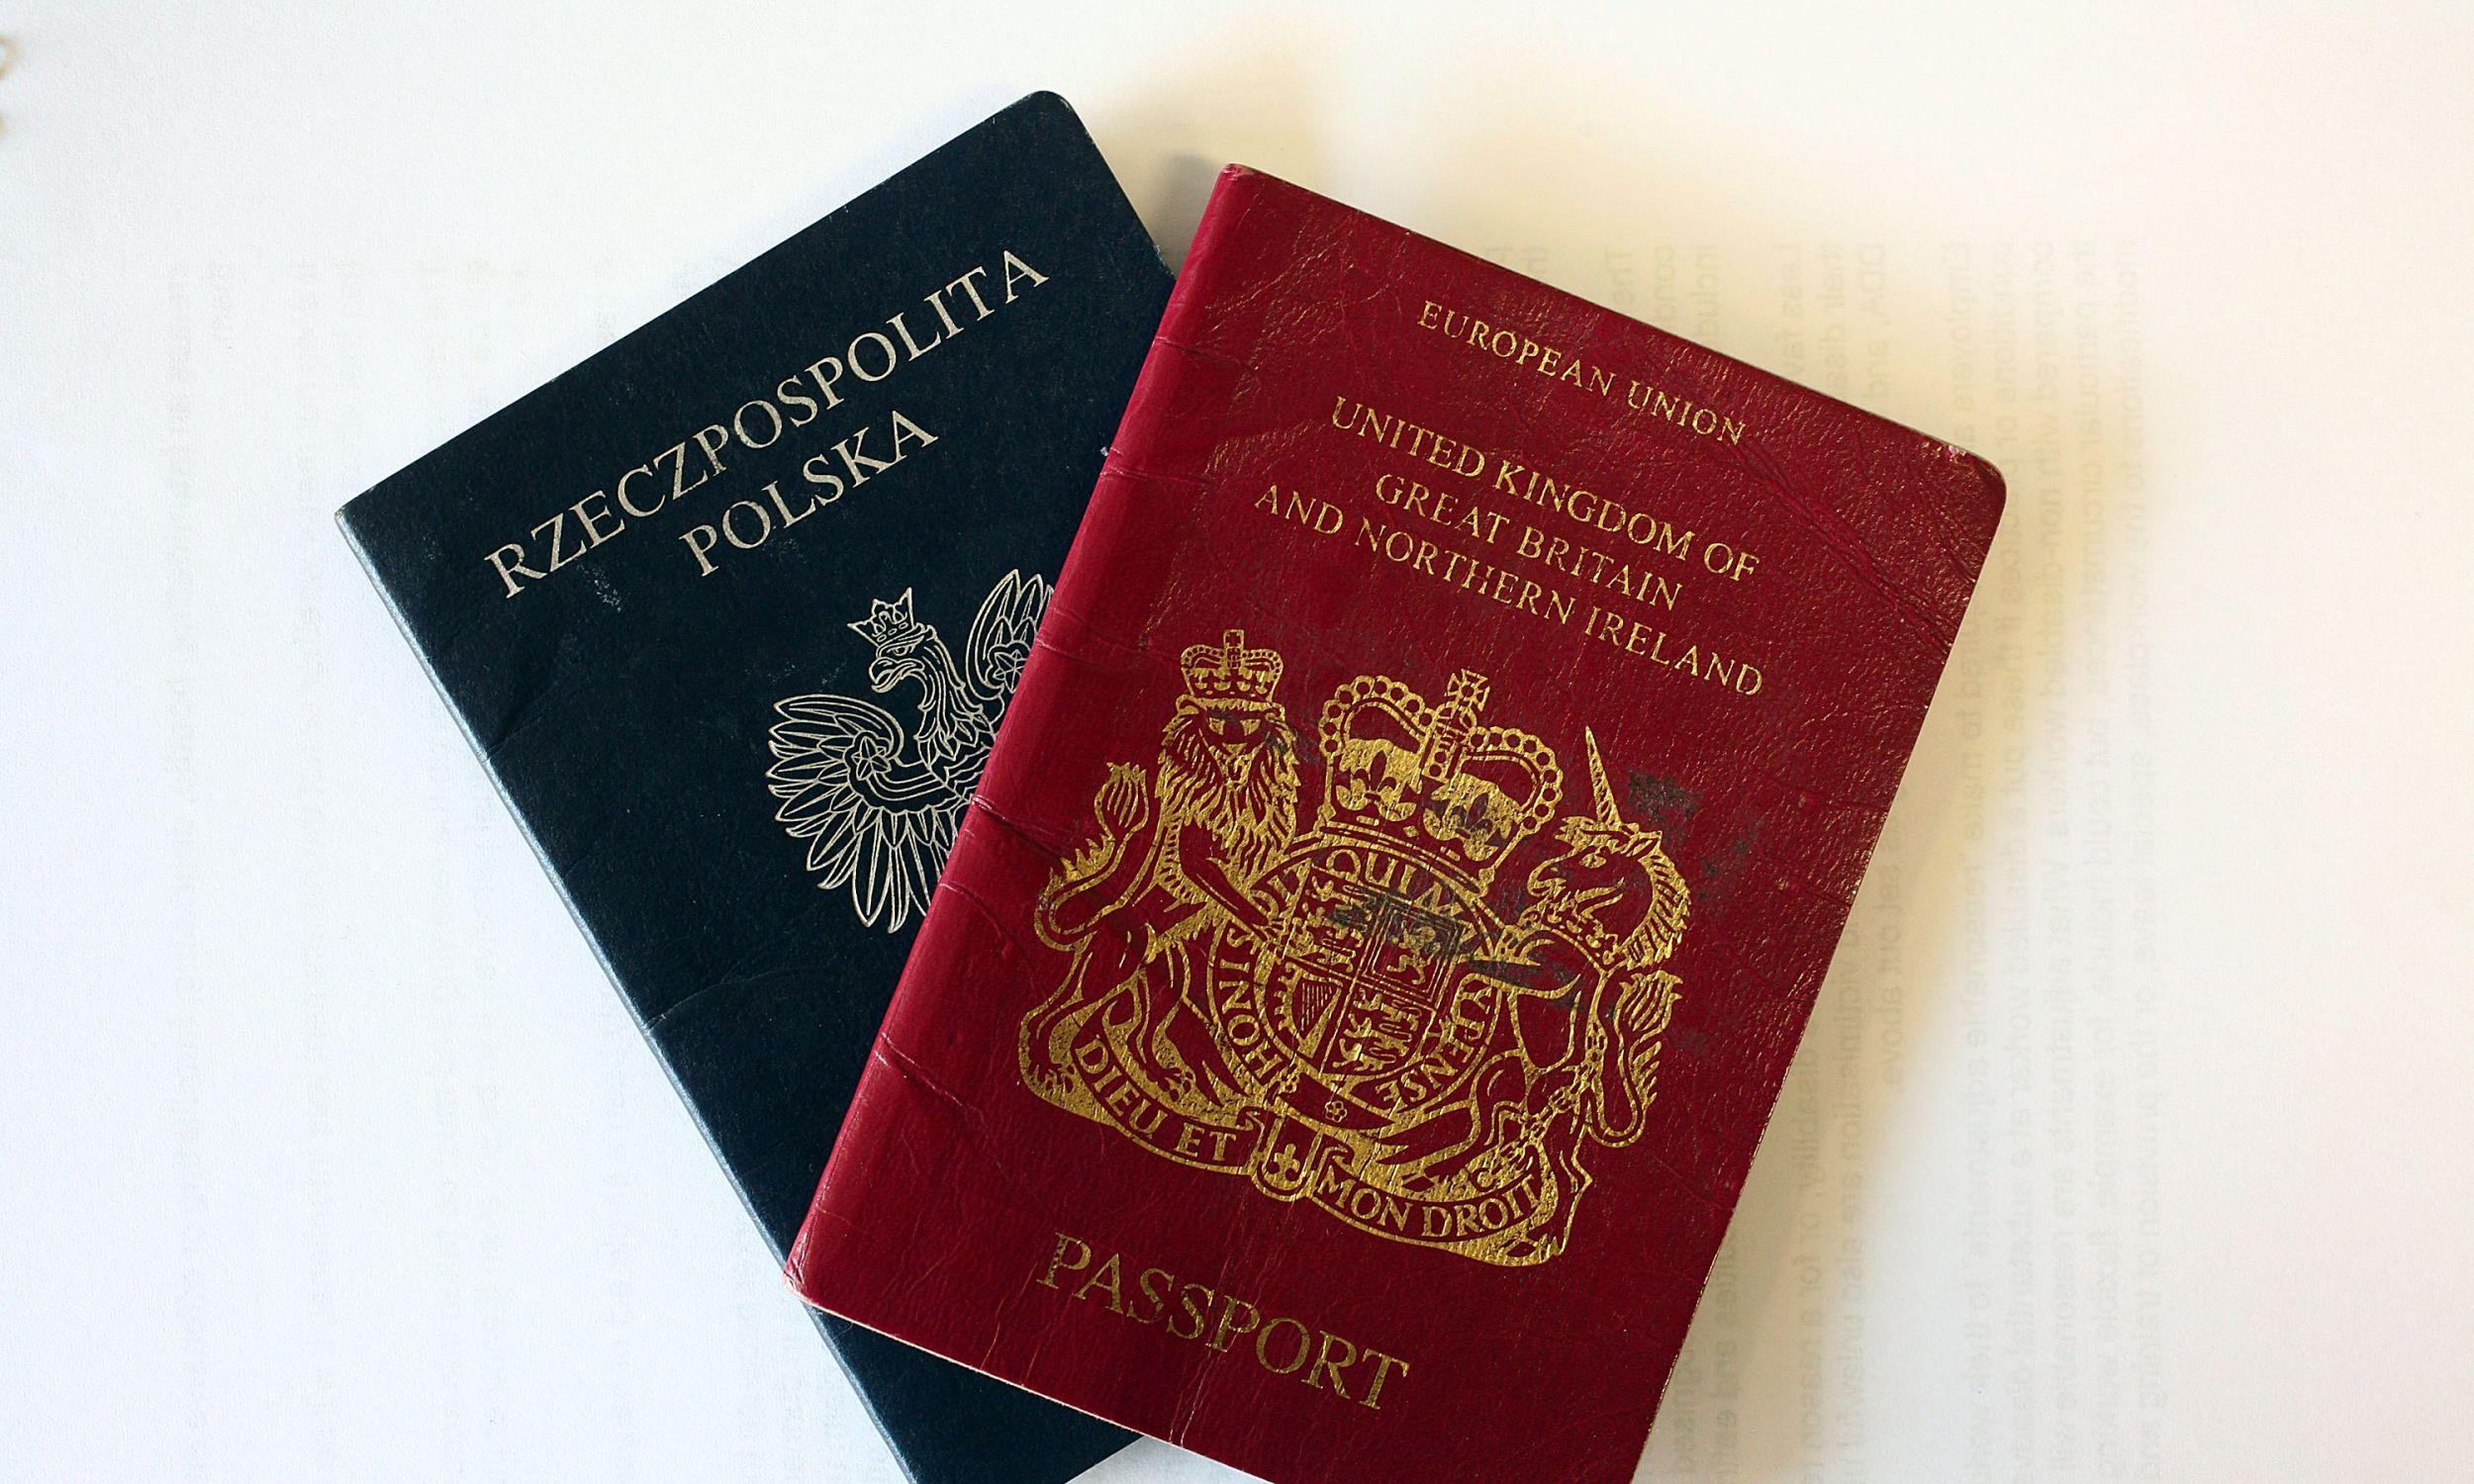 Przedsiębiorczy Polacy postarali się o obywatelstwo angielskie, nie  rezygnując z polskiego – mówi Kulczycki. Zdjęcie paszportów obu państw wykonano w Crewe w Anglii, gdzie żyje duża społeczność Polaków, 1 kwietnia 2008 roku. Tego dnia ówczesny brytyjski premier Gordon Brown odpowiedział na raport komisji House of Lords, odzrucając sugestie, by ograniczyć imigrację.  Przekonywał, że jest ona dobra dla państwa. Fot. Christopher Furlong /Getty Images